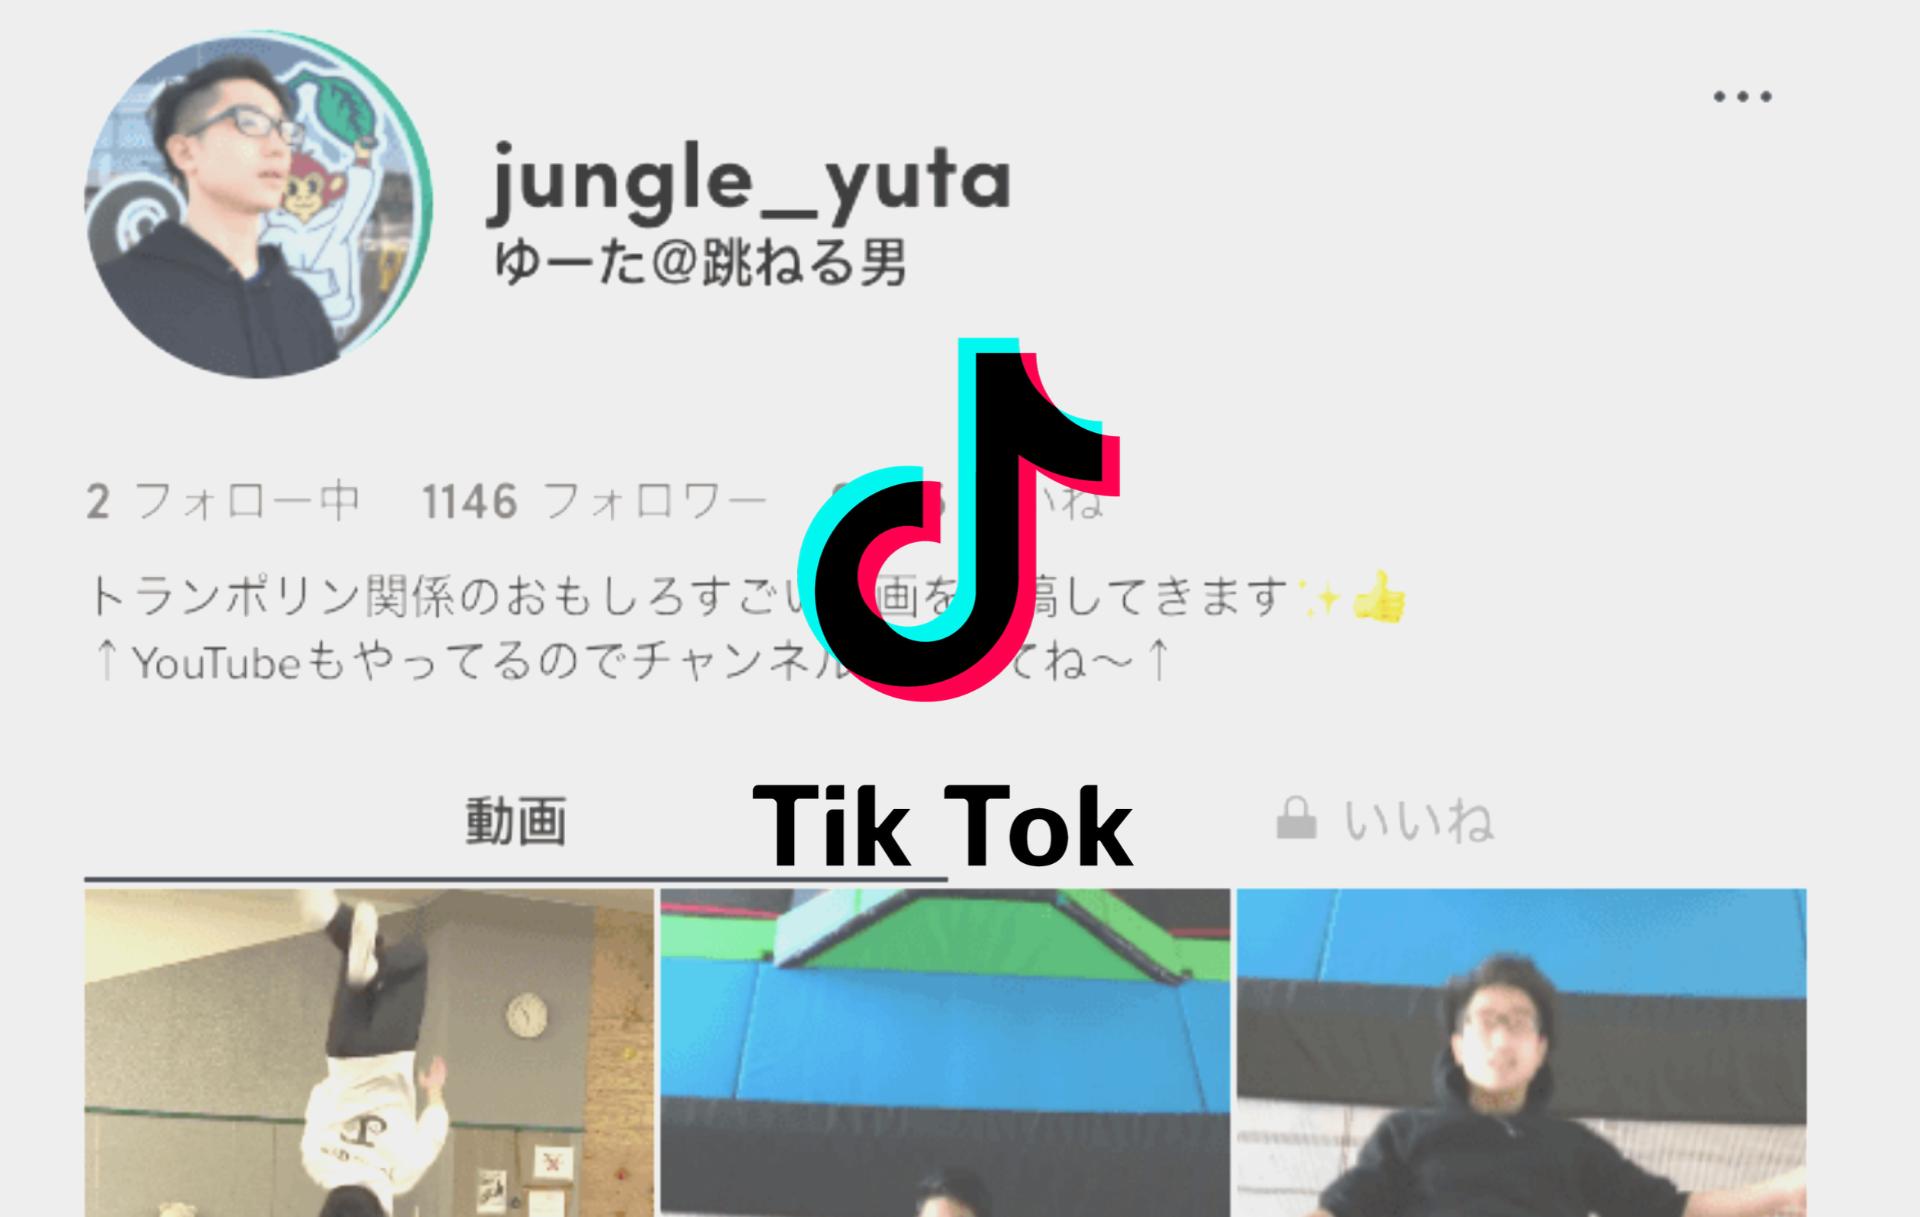 【考察】Jungle Gym代表荒井さんのTik Tokがなぜ伸びたのかを考えてみた。